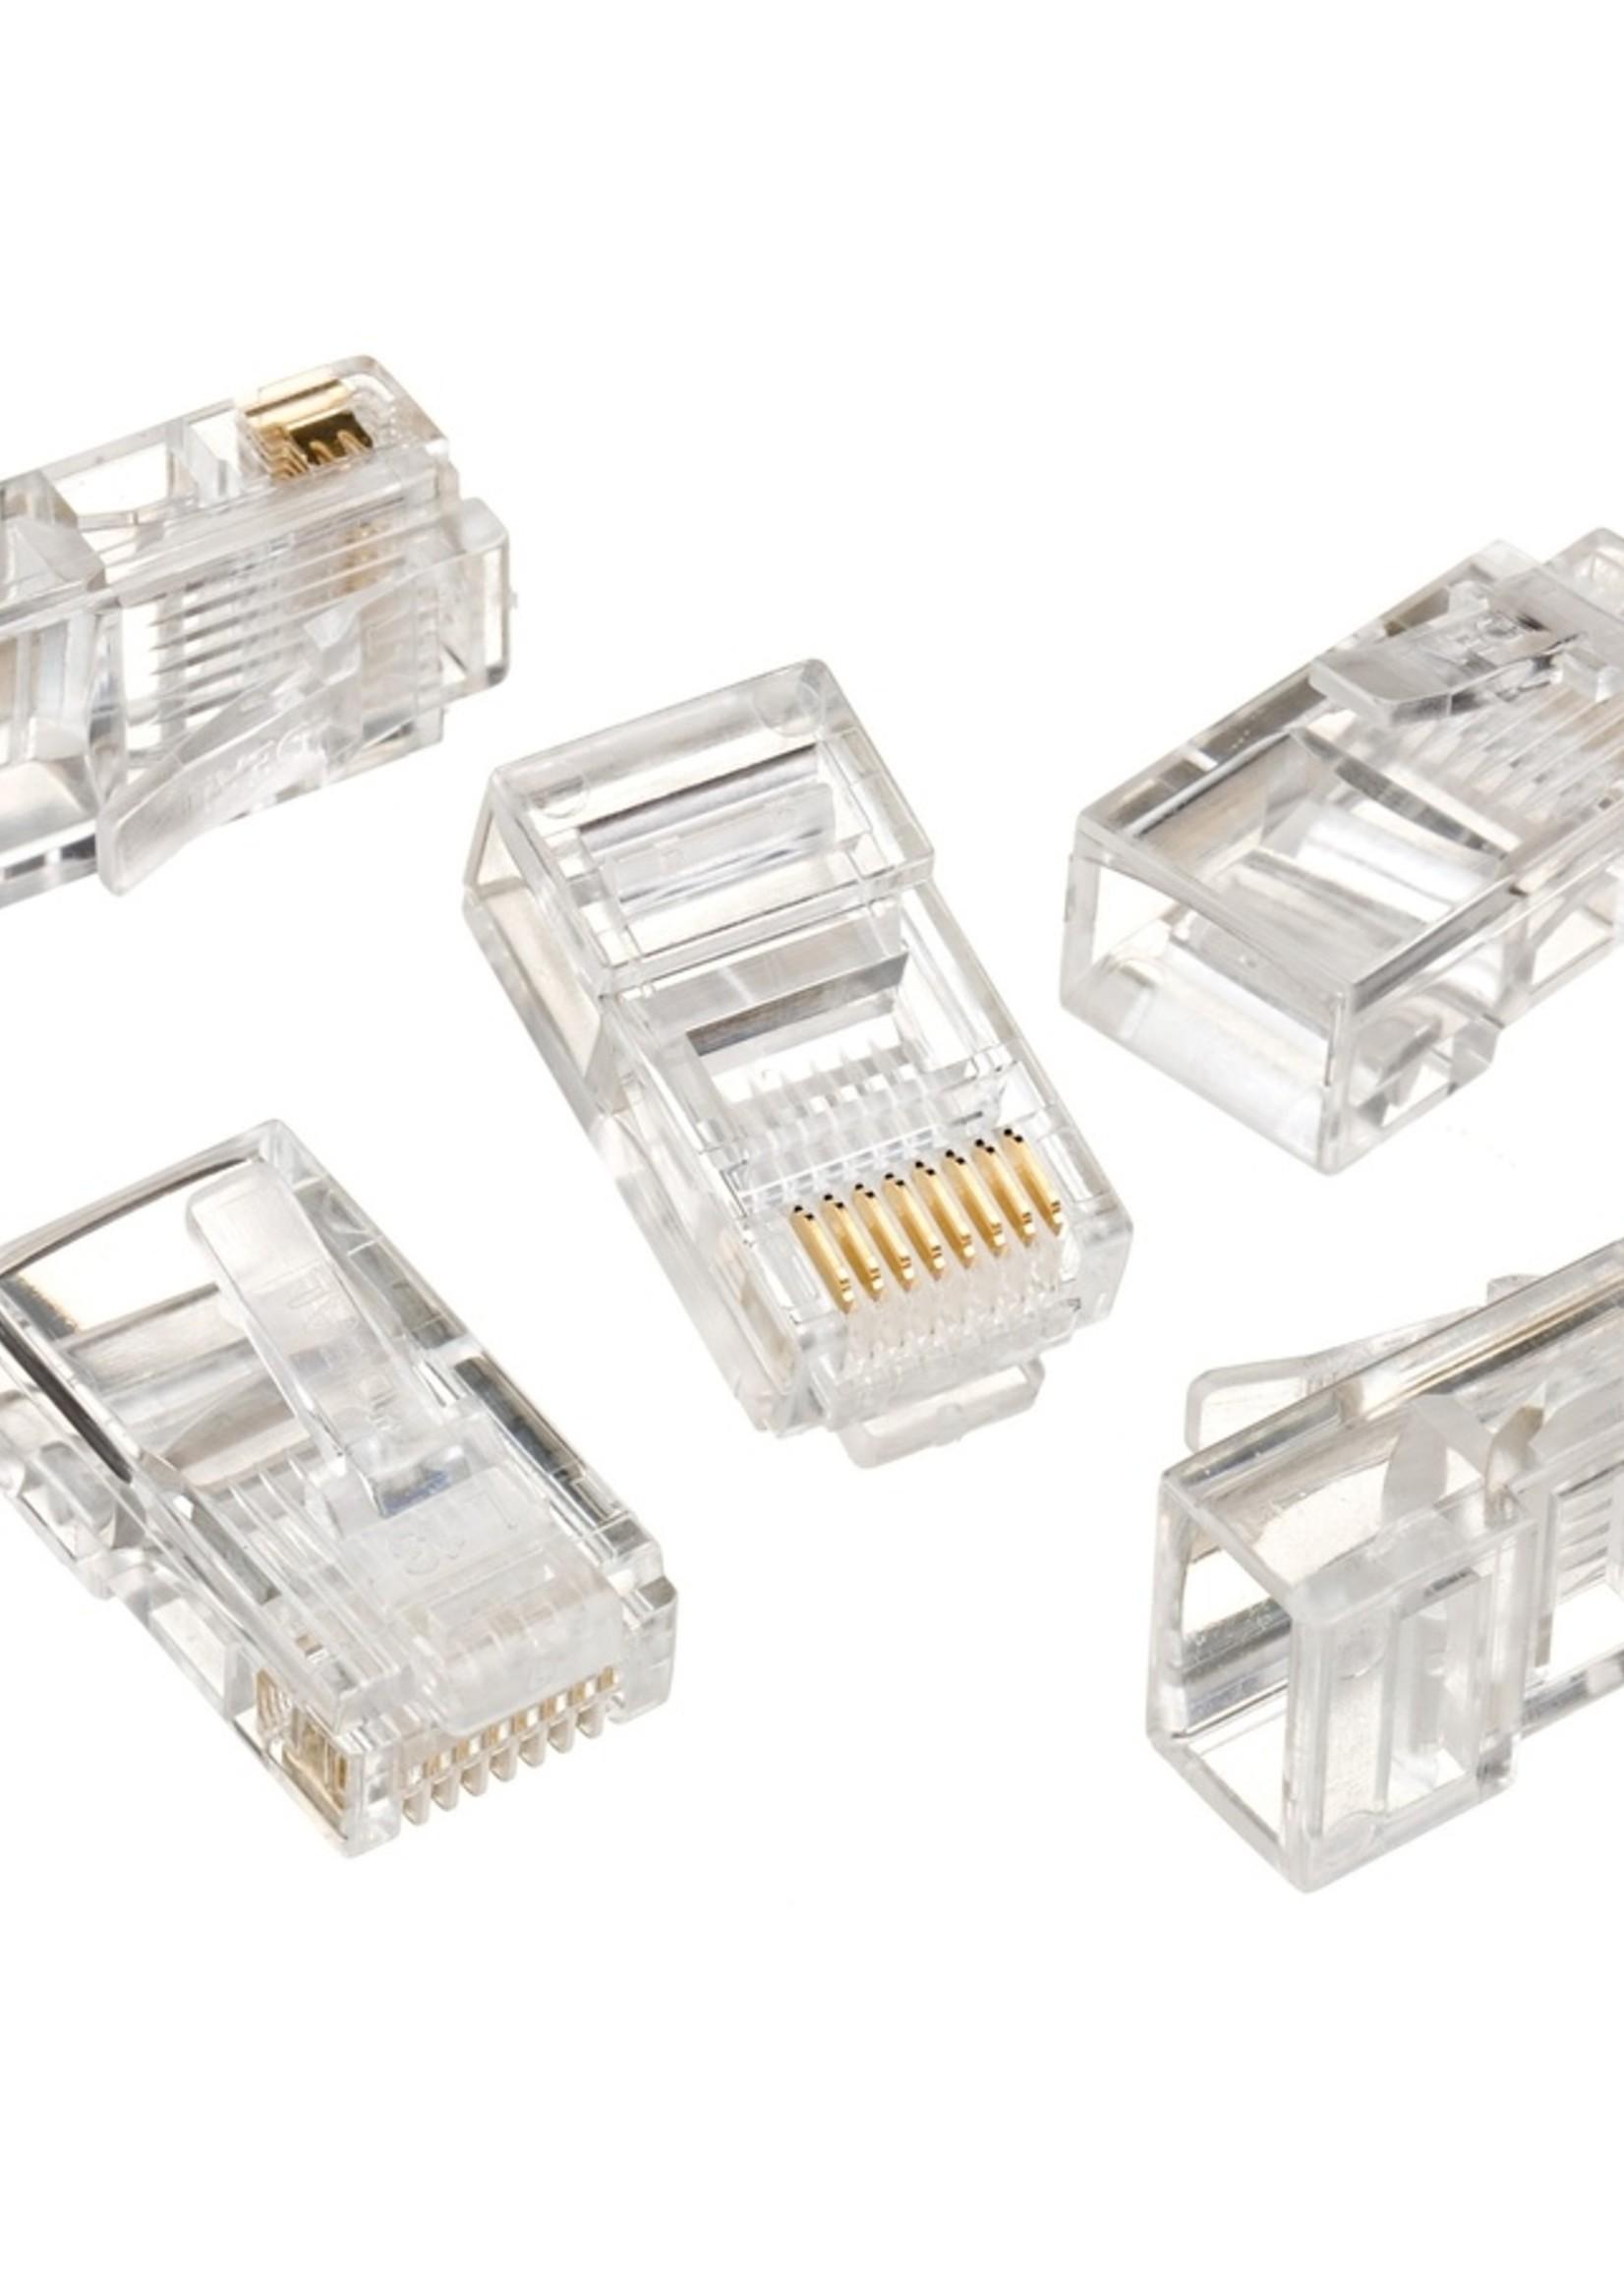 No-name UTP connector 8-pins 8P8C (RJ45) voor CAT5, 50 stuks